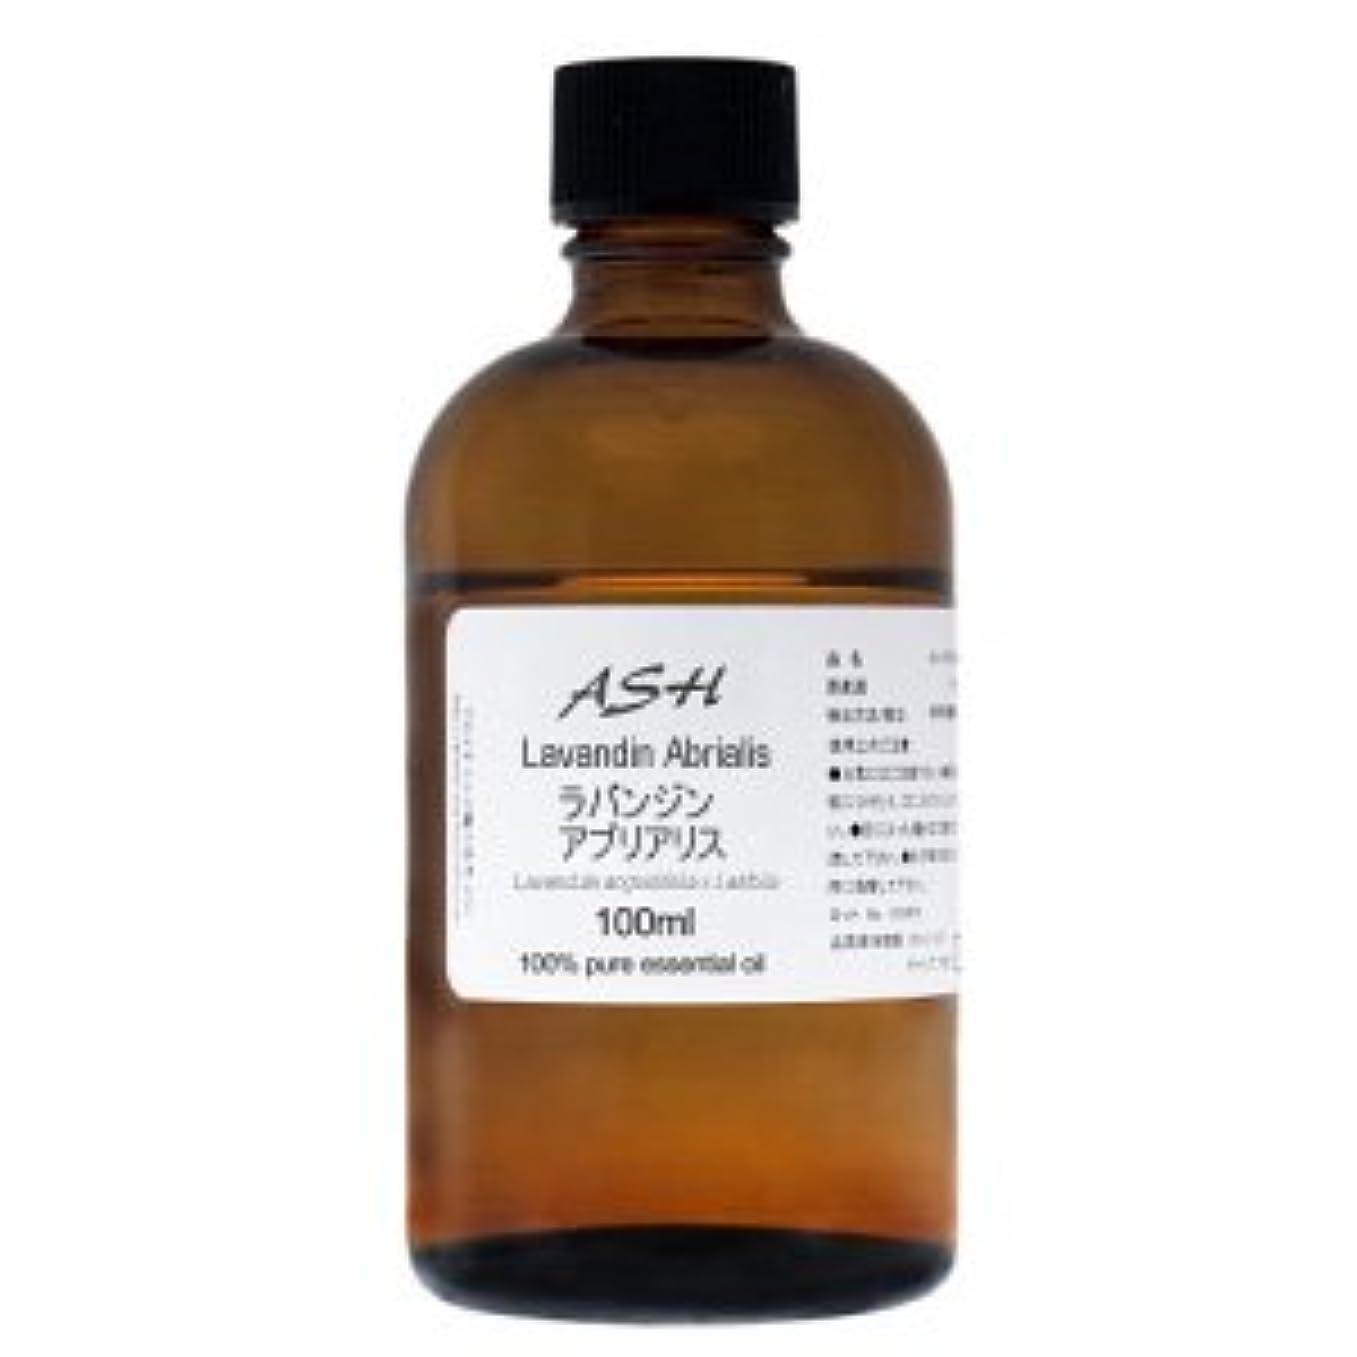 スワップひそかに何よりもASH ラバンジン アブリアリス エッセンシャルオイル 100ml AEAJ表示基準適合認定精油